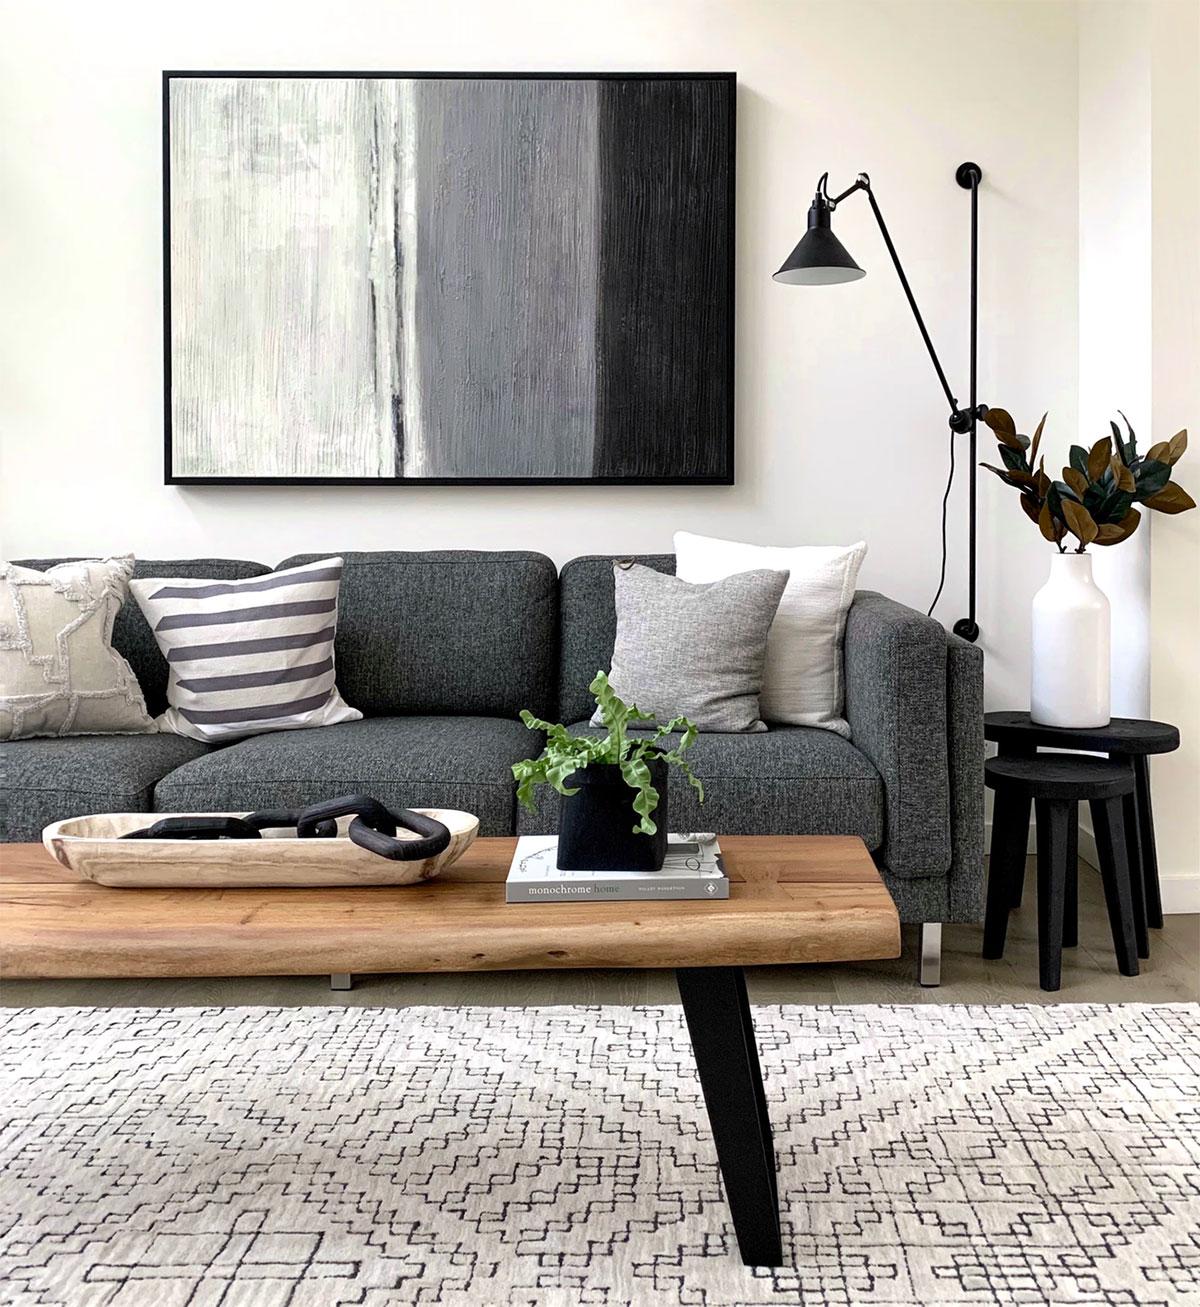 Holz in Form von Möbeln bringt optisch natürliche Wärme in den Raum